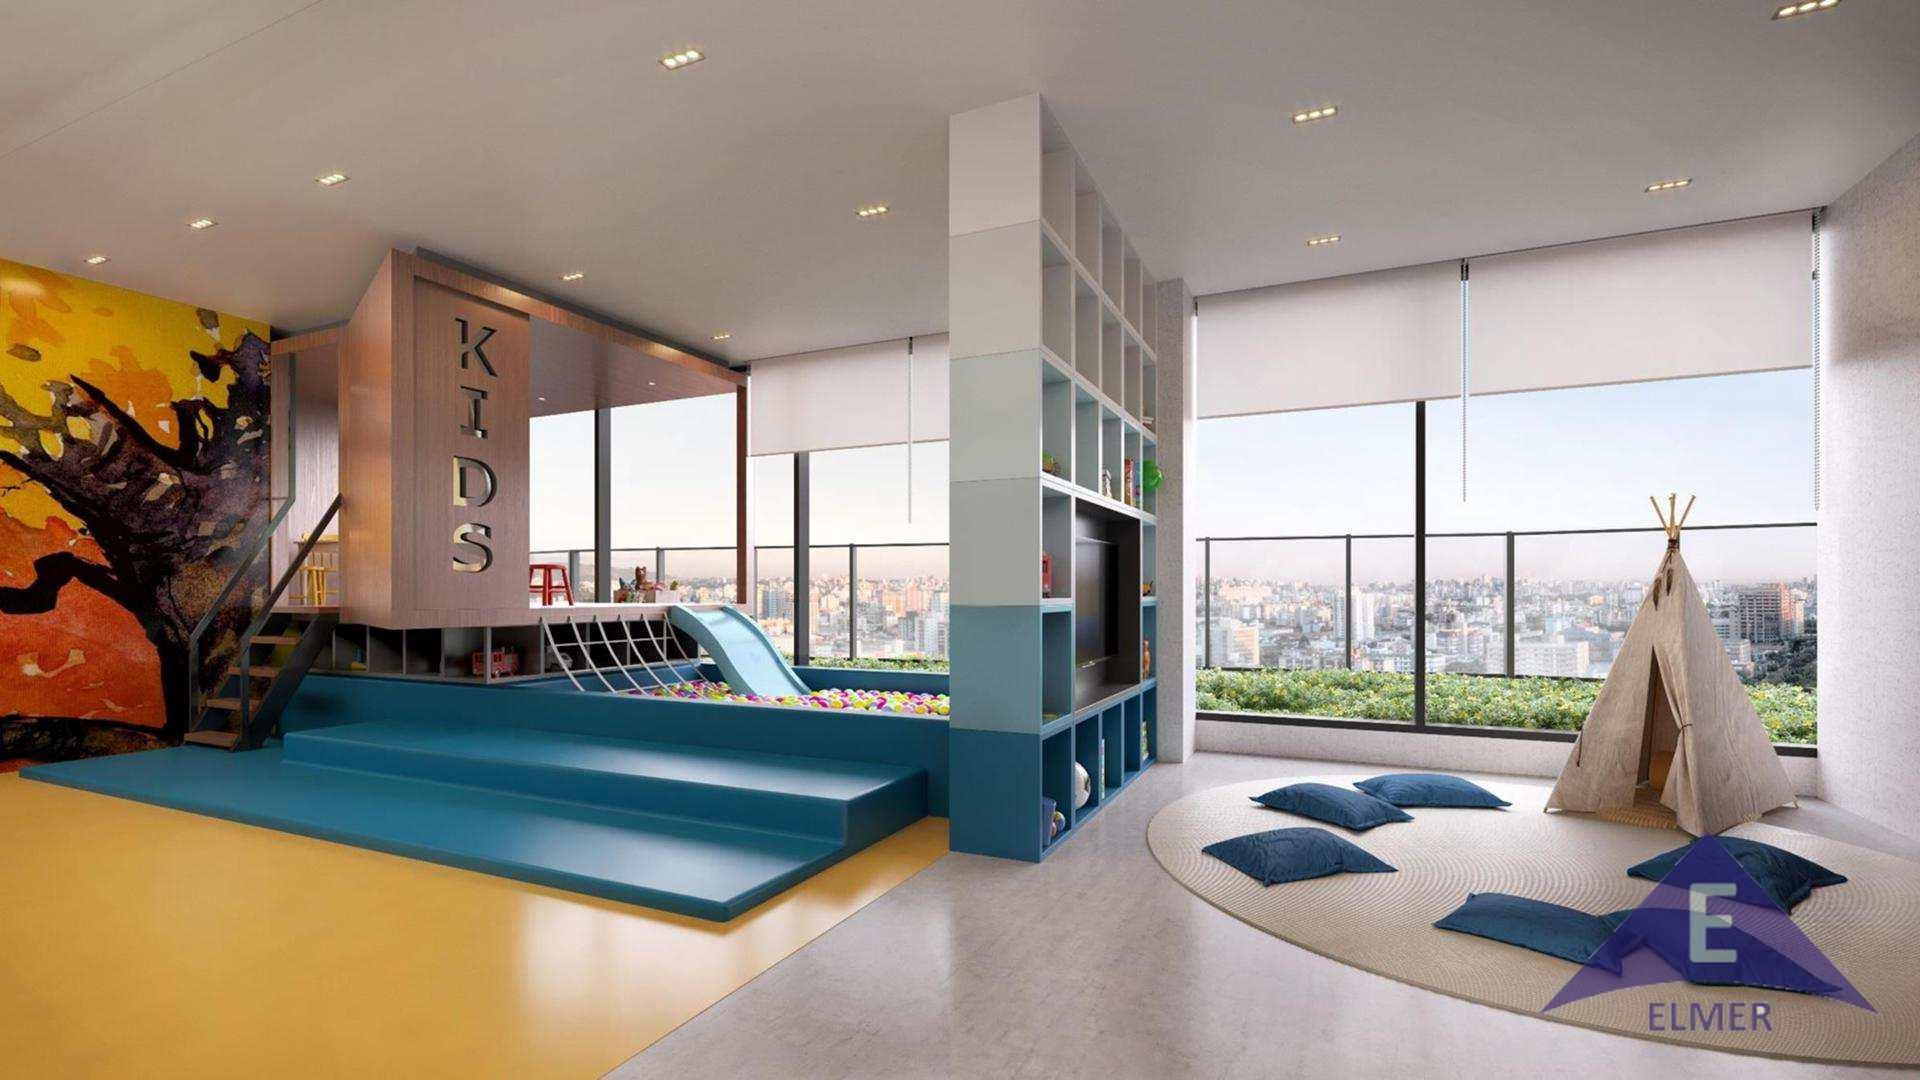 ALAMEDA JARDINS - APTO - 178 m² - 3 suítes - POUCAS UNIDADES